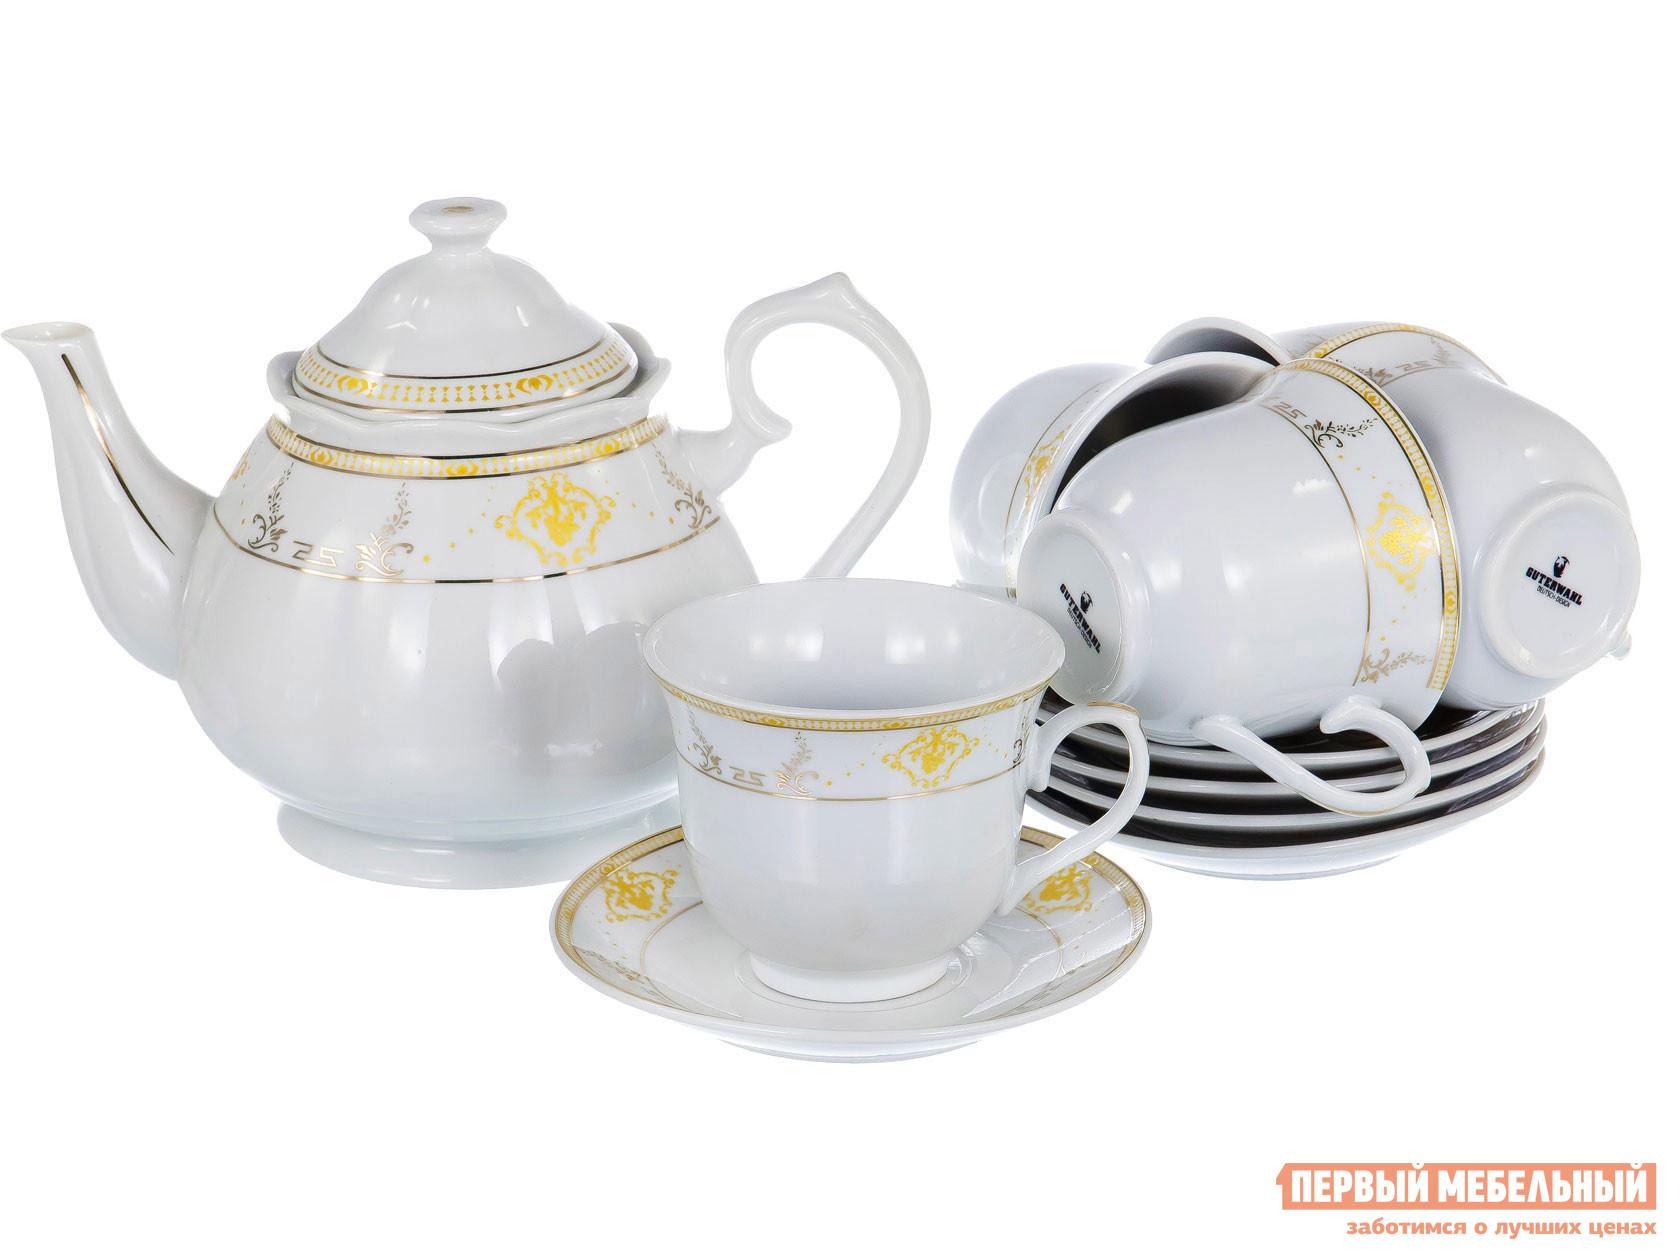 Чайный сервиз Первый Мебельный Сирма